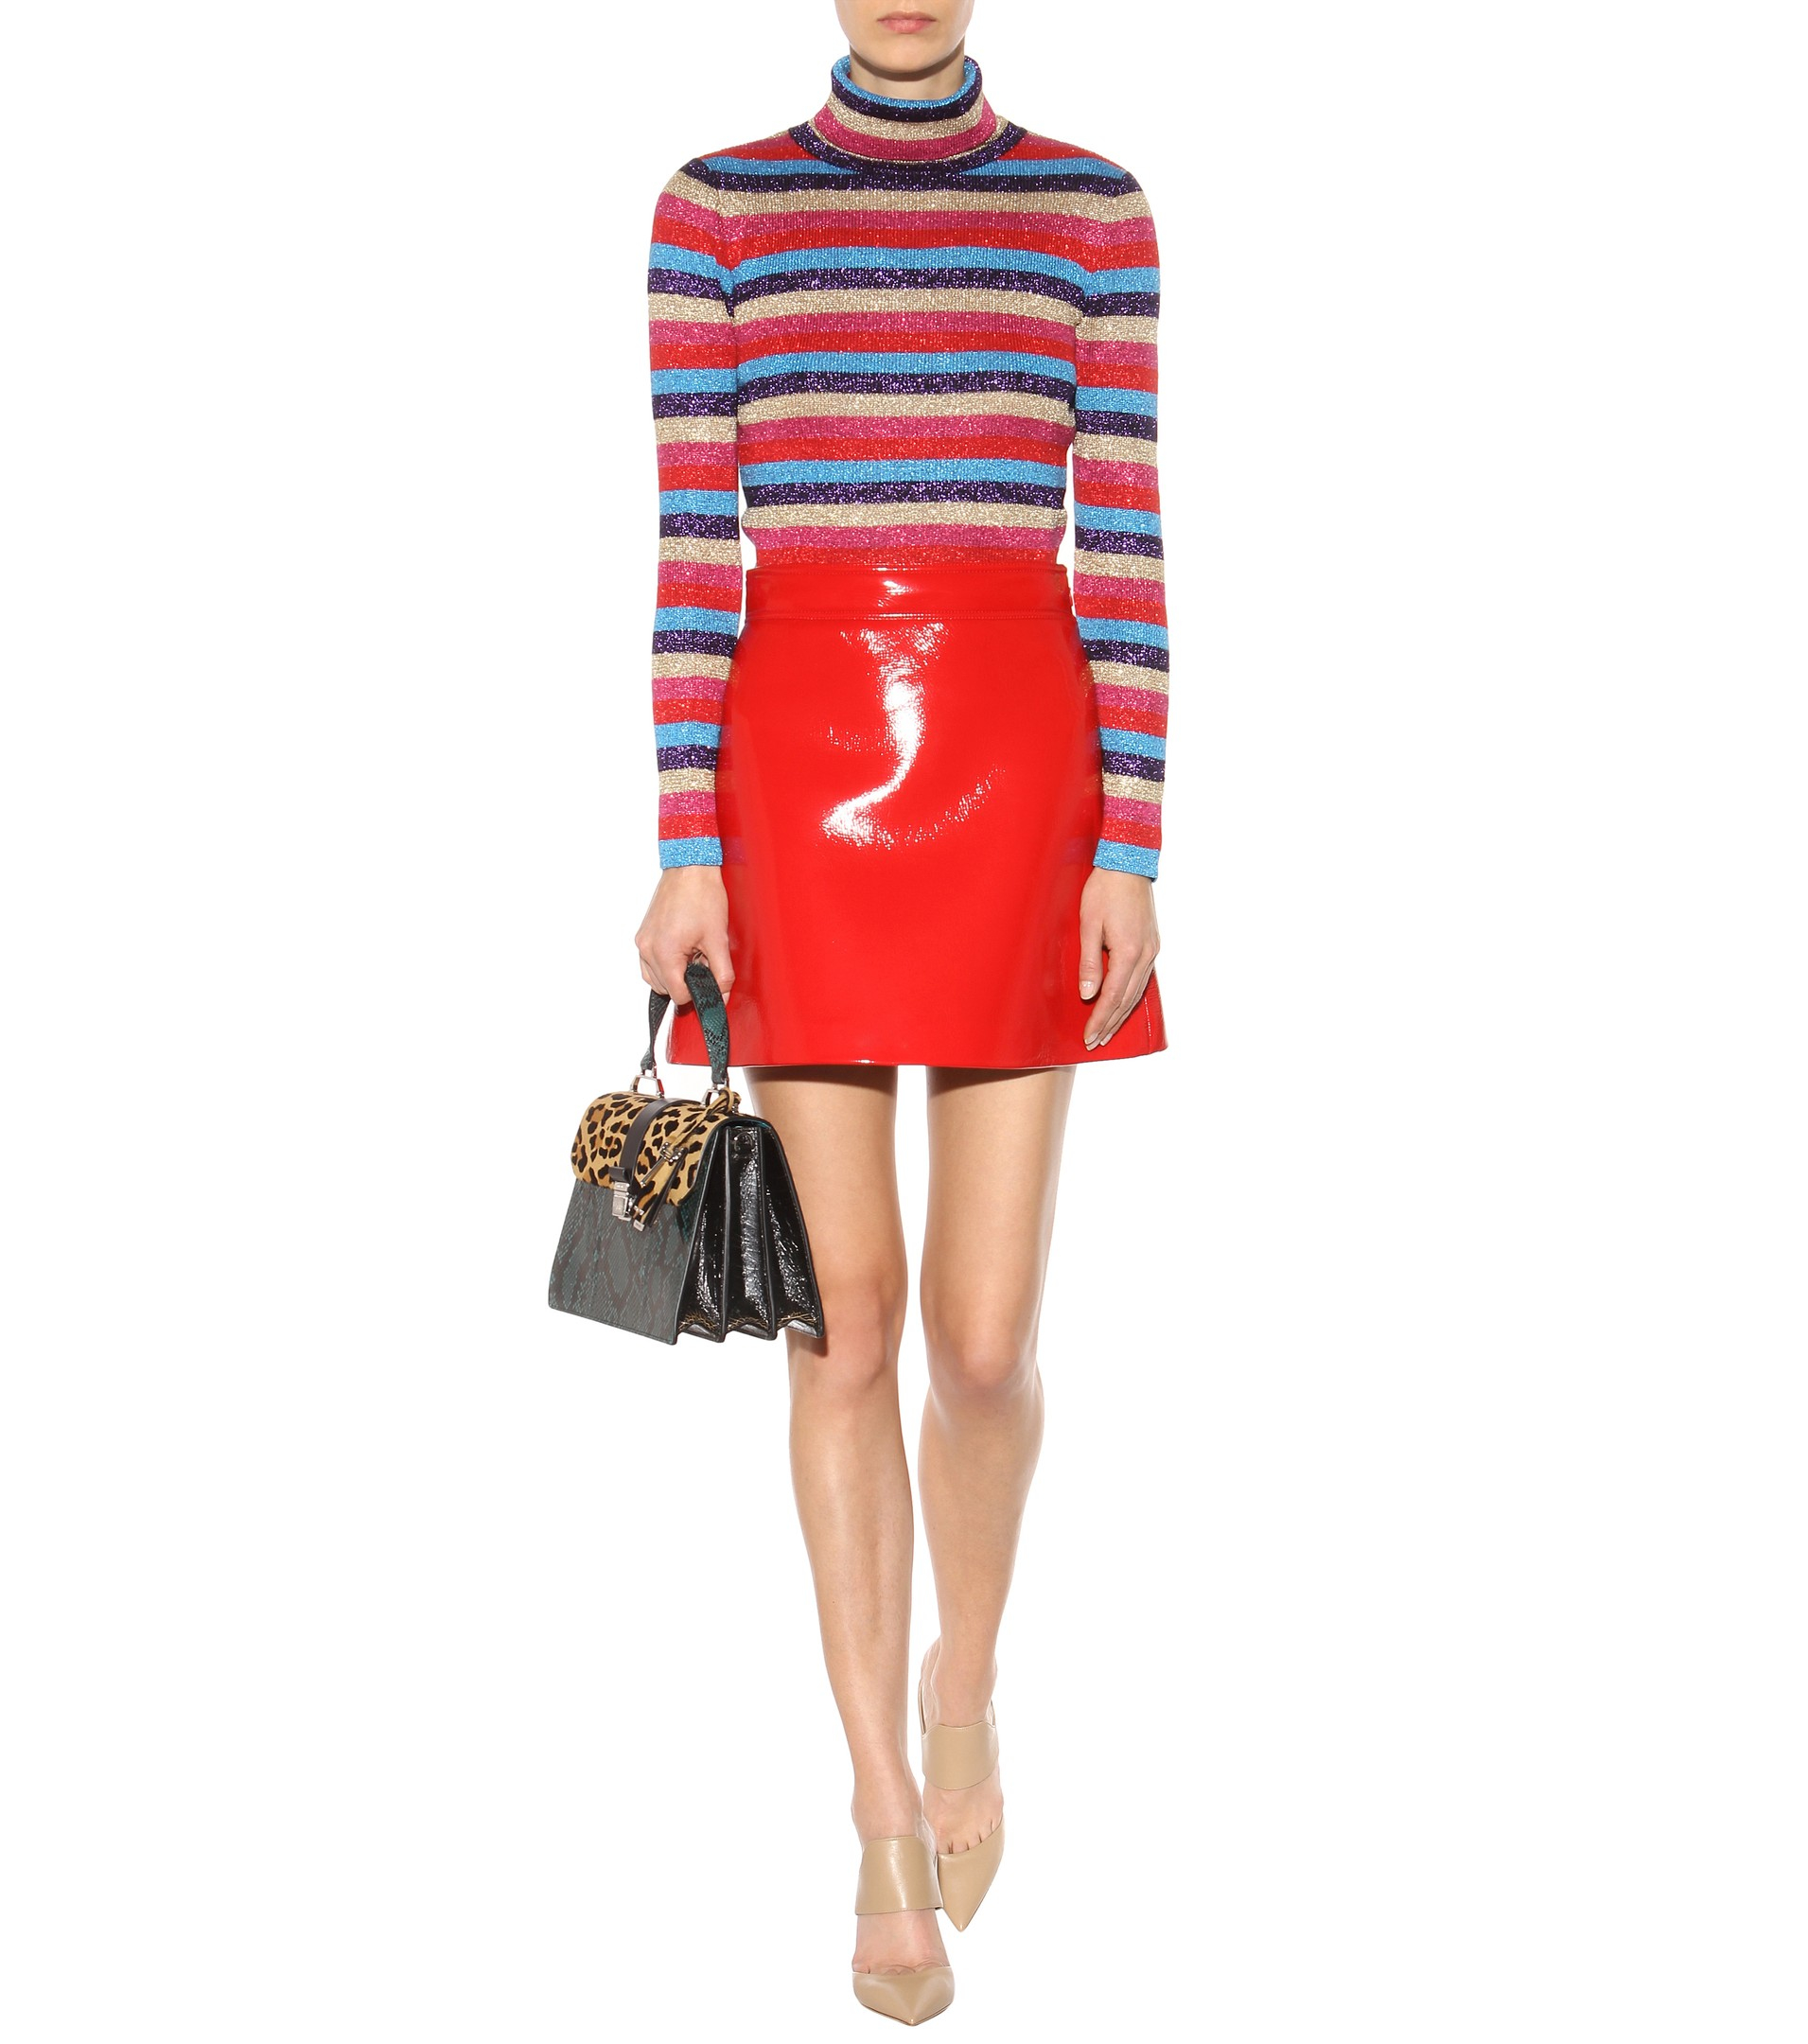 15e7dde07e7 Lyst - Miu Miu Metallic Striped Knitted Turtleneck Sweater